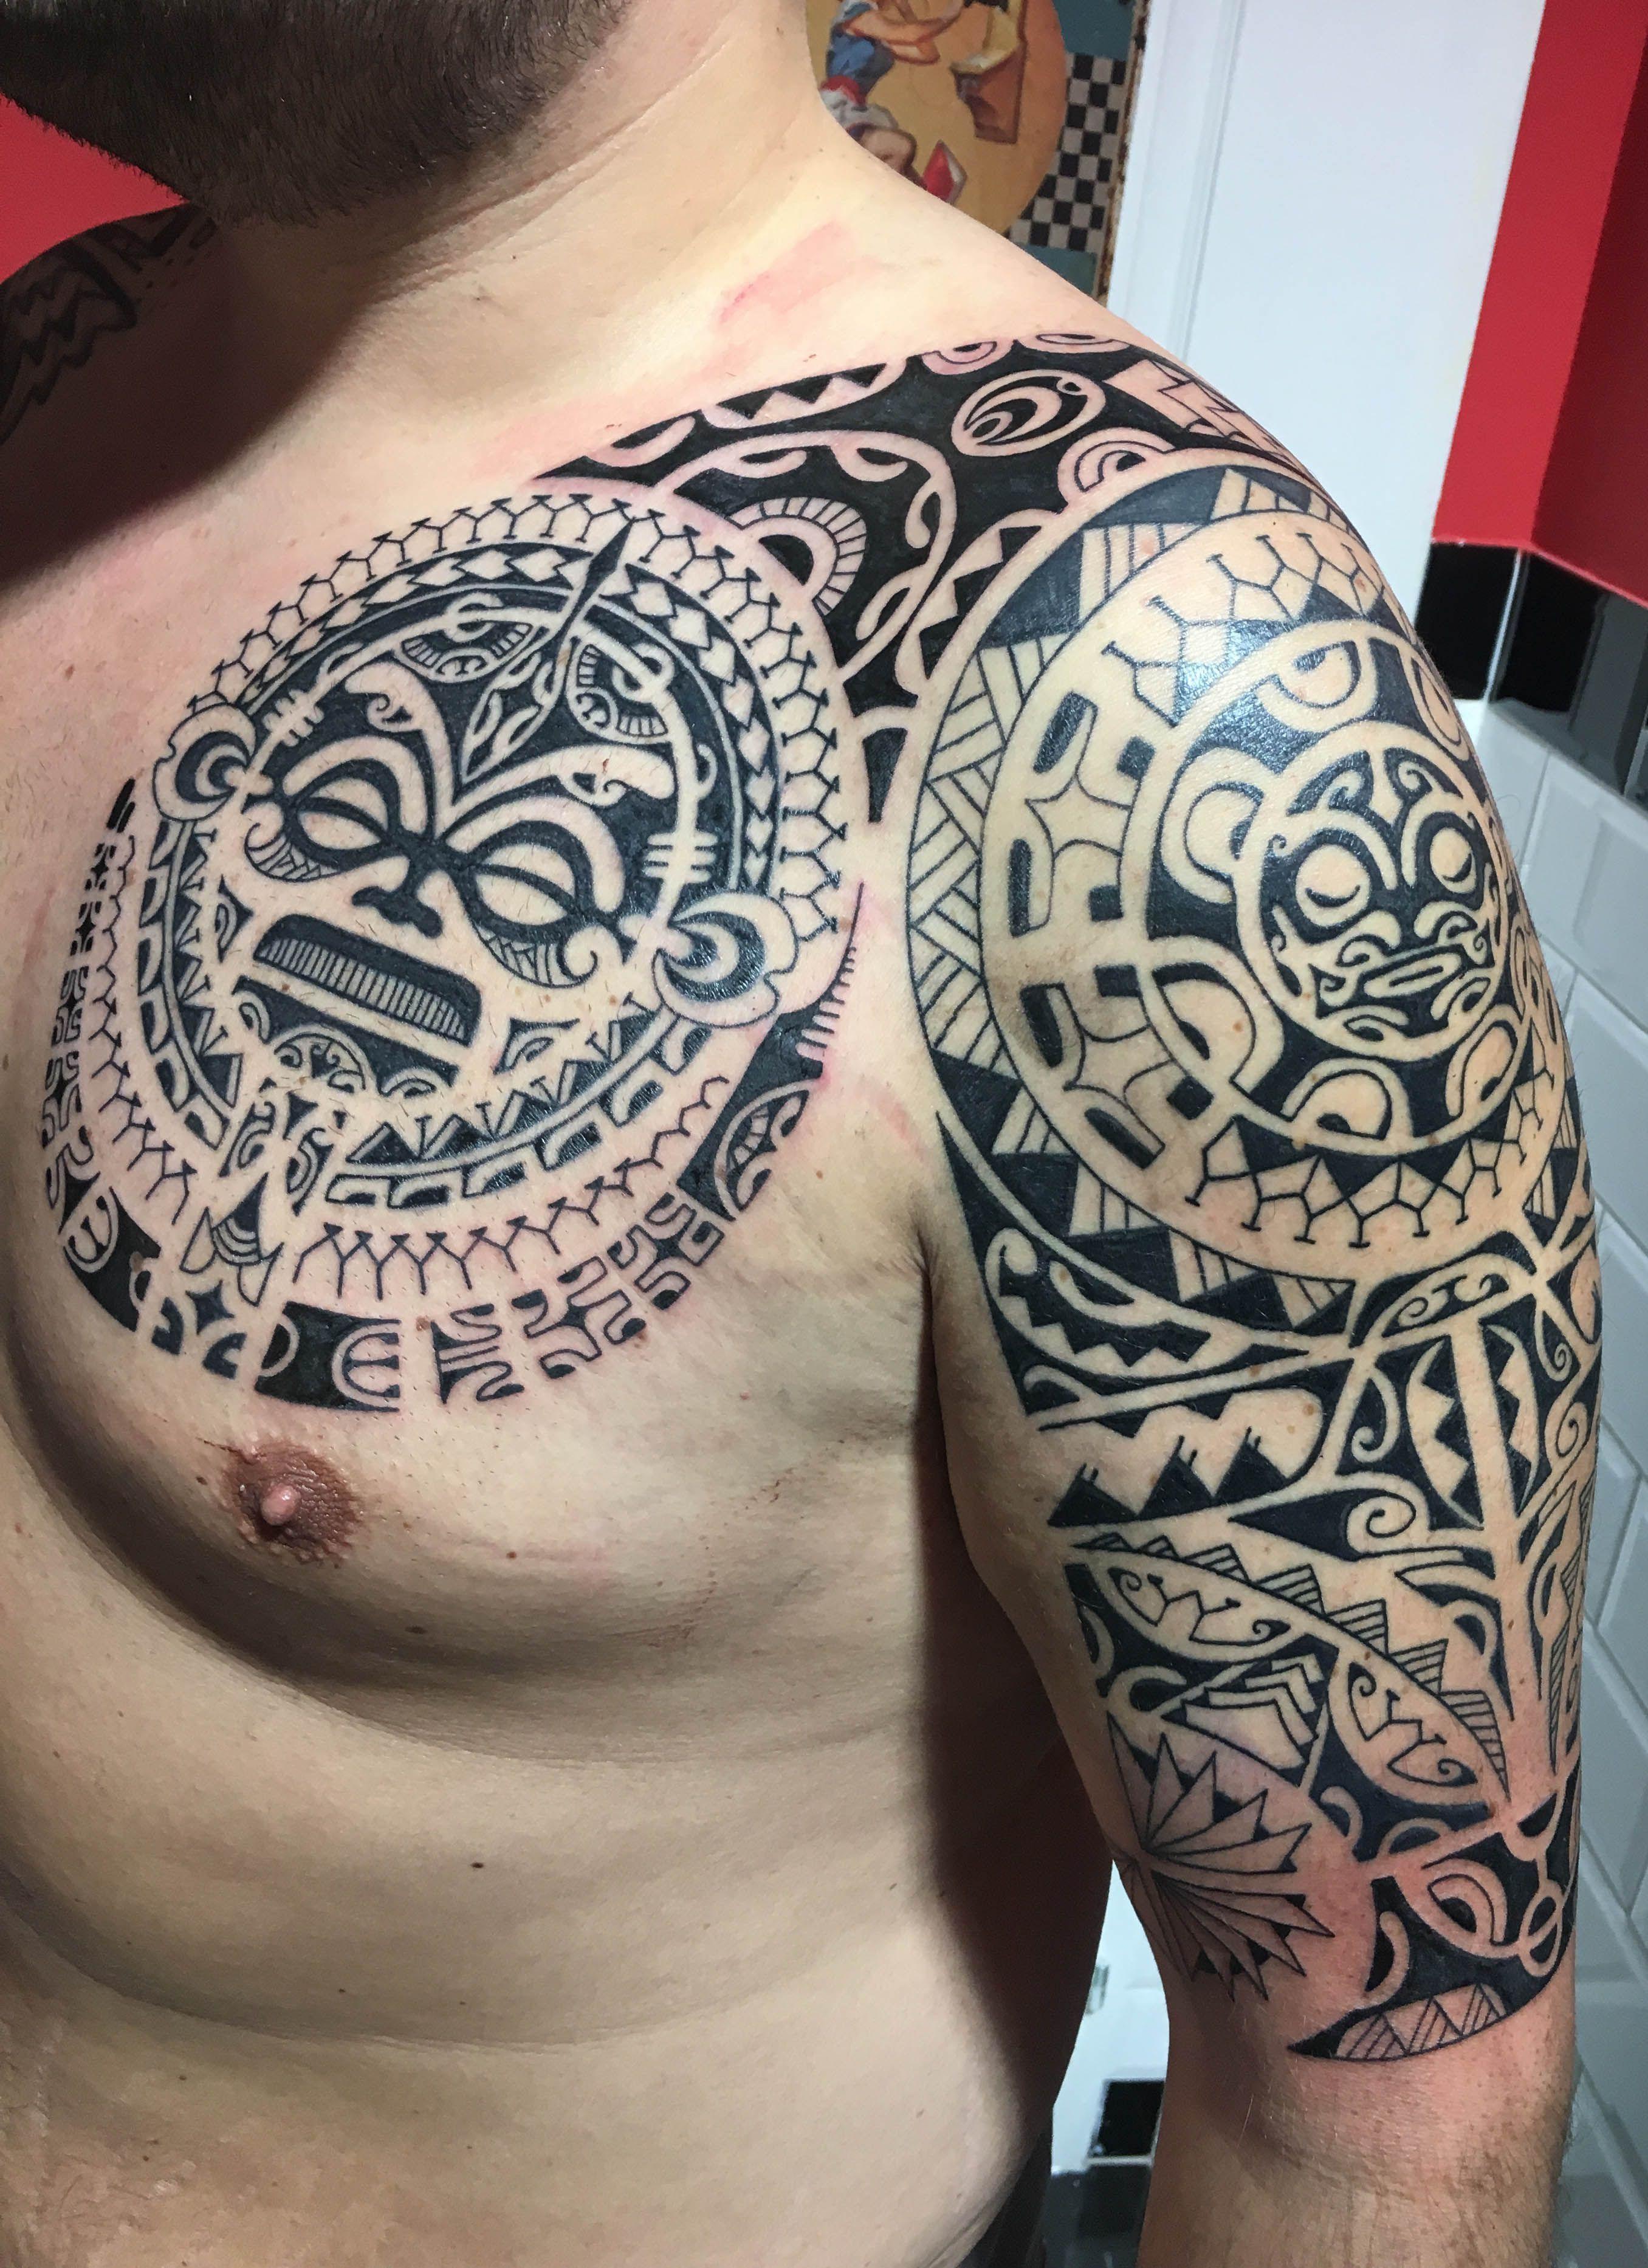 Westendtattoowien Tattoo Maori Tattoo Polynesian Tattoo Arm intended for measurements 2712 X 3732